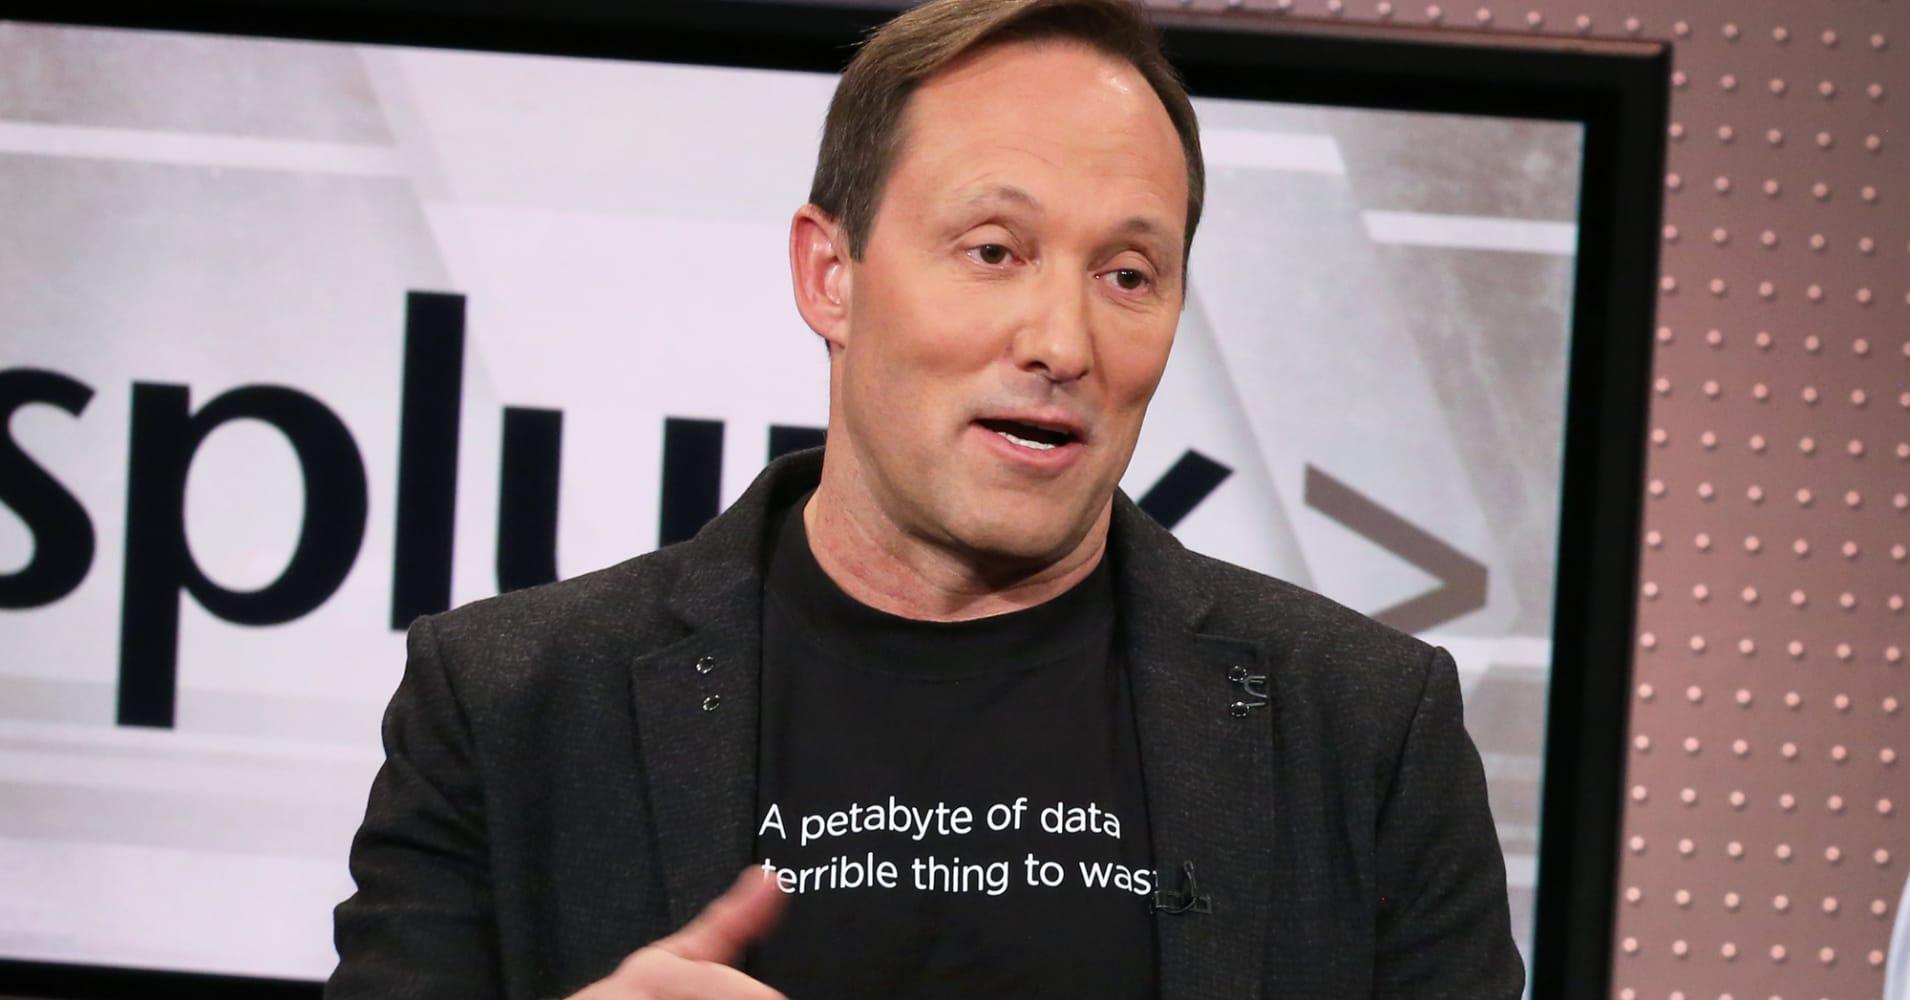 Splunk CEO talks data analytics company's new capabilities in voice, AR